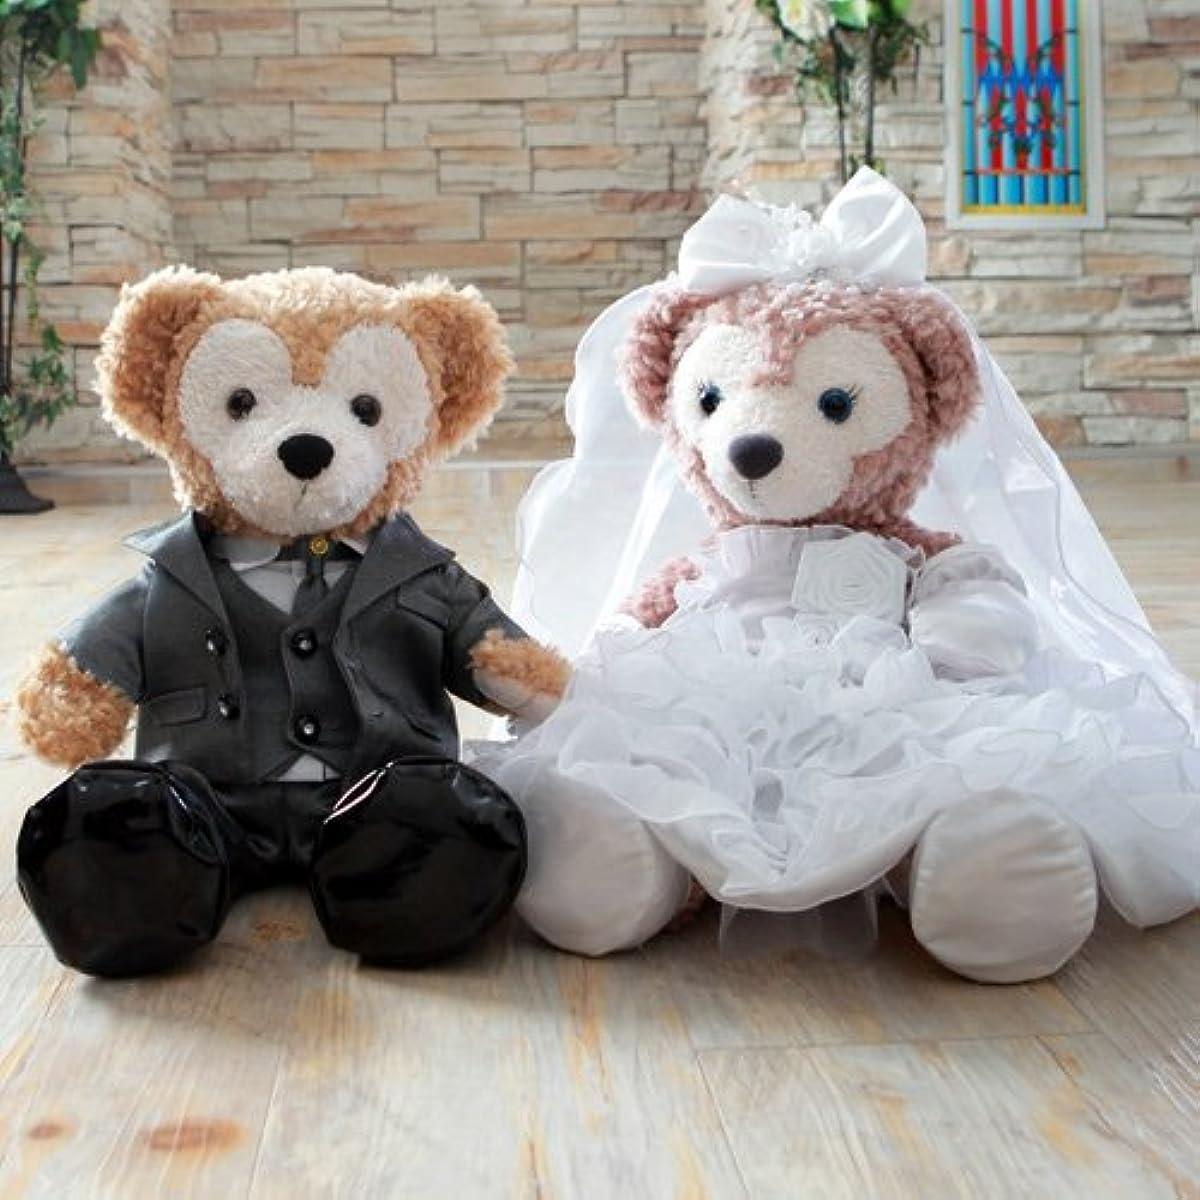 [해외] 더피 셸리 메이 코스튬 웨딩 드레스&턱시도(그레이)세트 결혼식의 웰컴 베어(베이스 업)에★【오리지널 핸드 메이드 코스튬】-